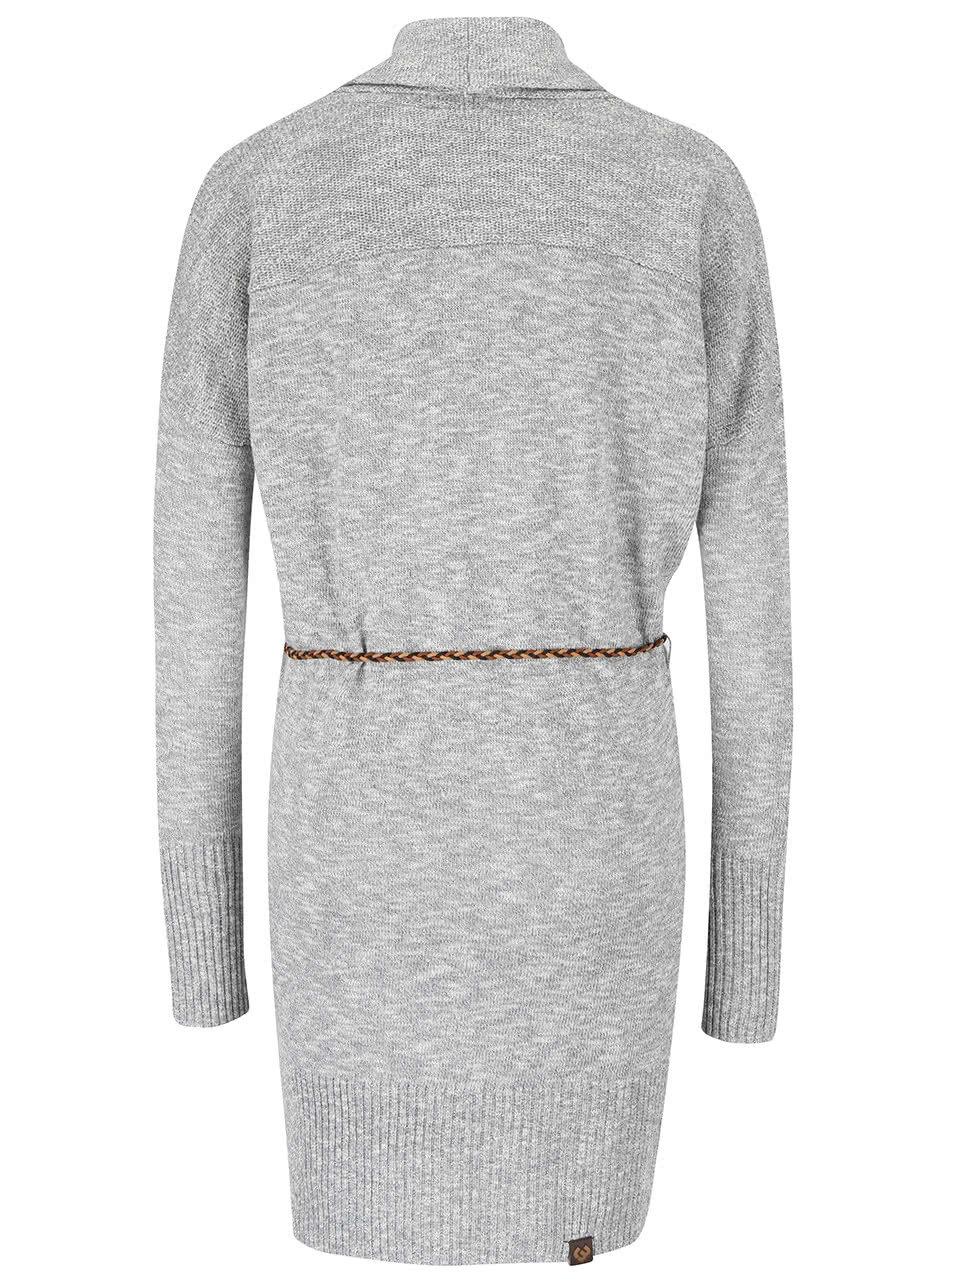 85cbb388b43 Šedý dámský žíhaný delší svetr s páskem Ragwear Port ...